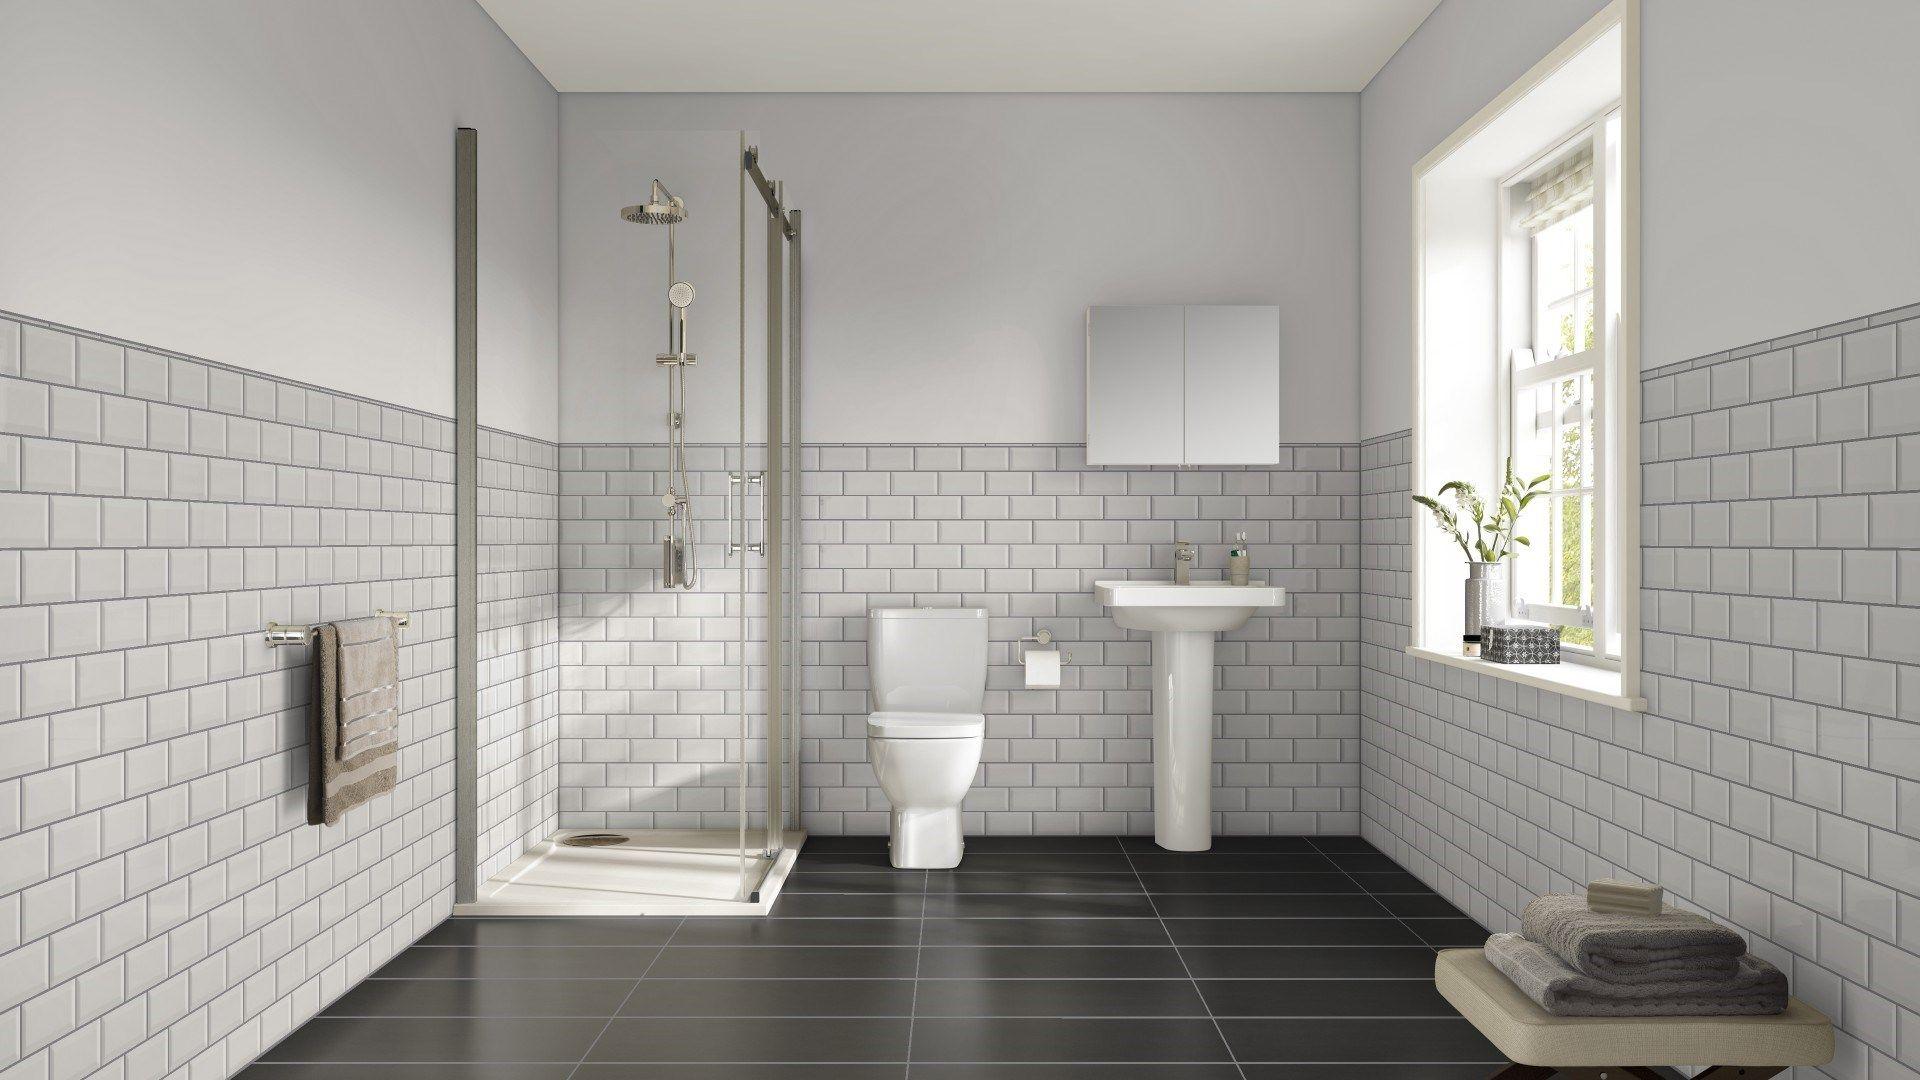 Mini Bevell Black Matt Floor Tiles Grey Grout Bathroom Tile